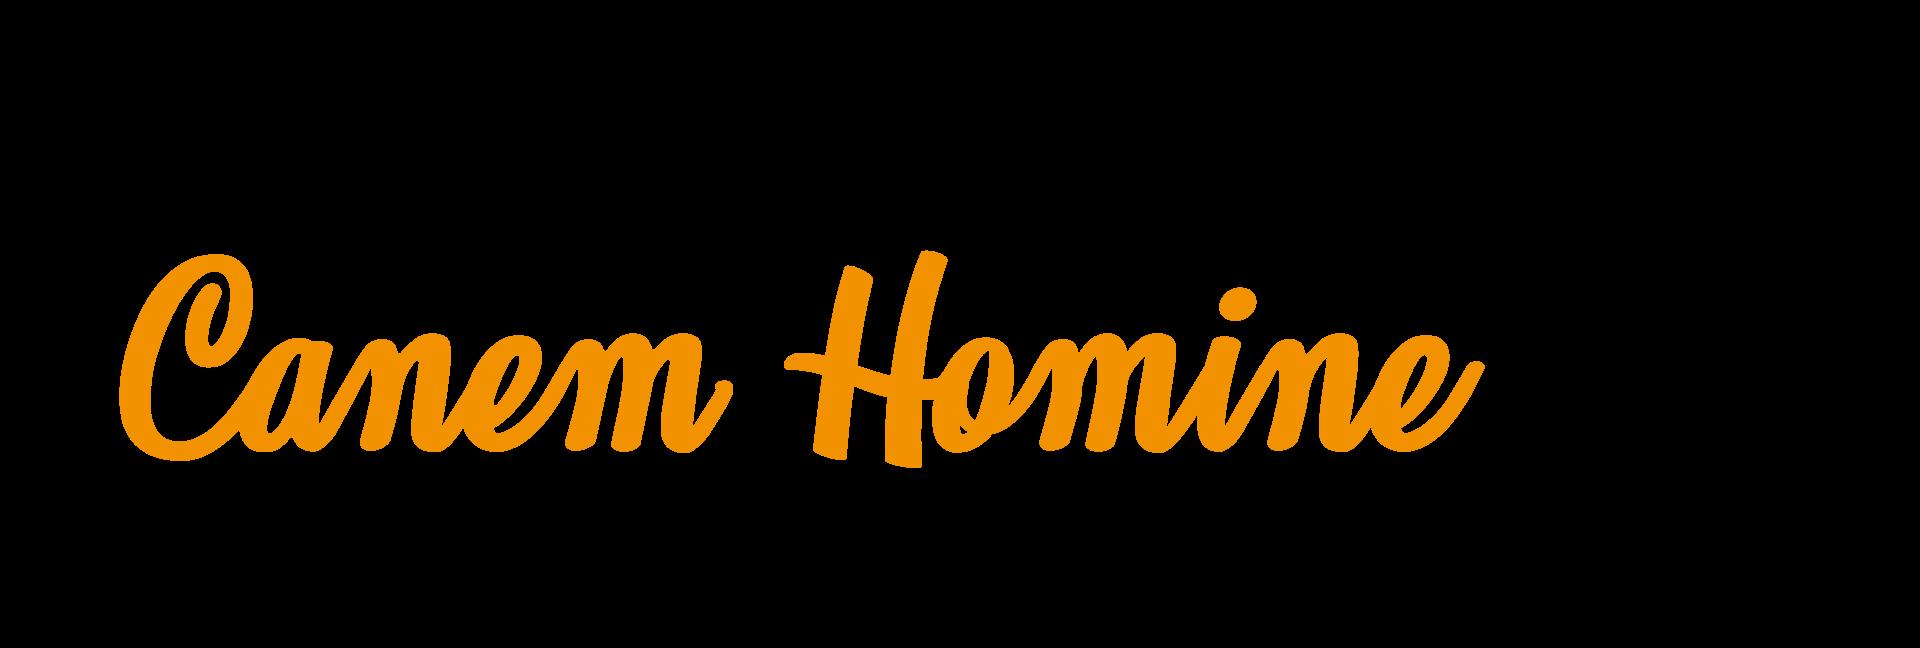 Canem Homine